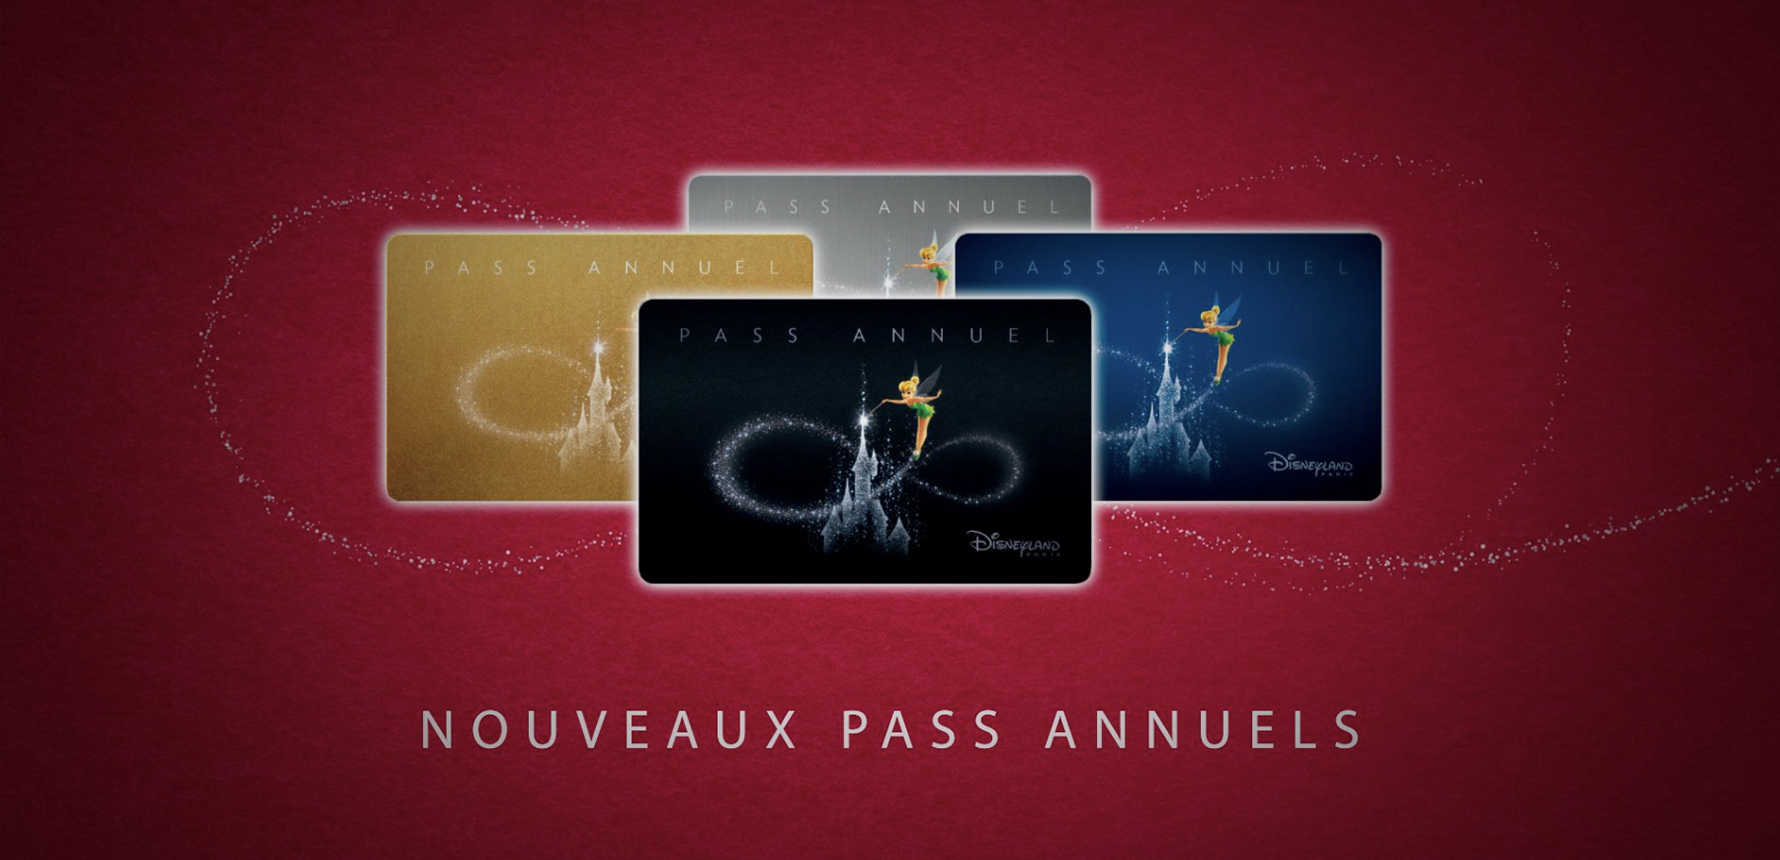 Les Pass Annuels de Disneyland Paris